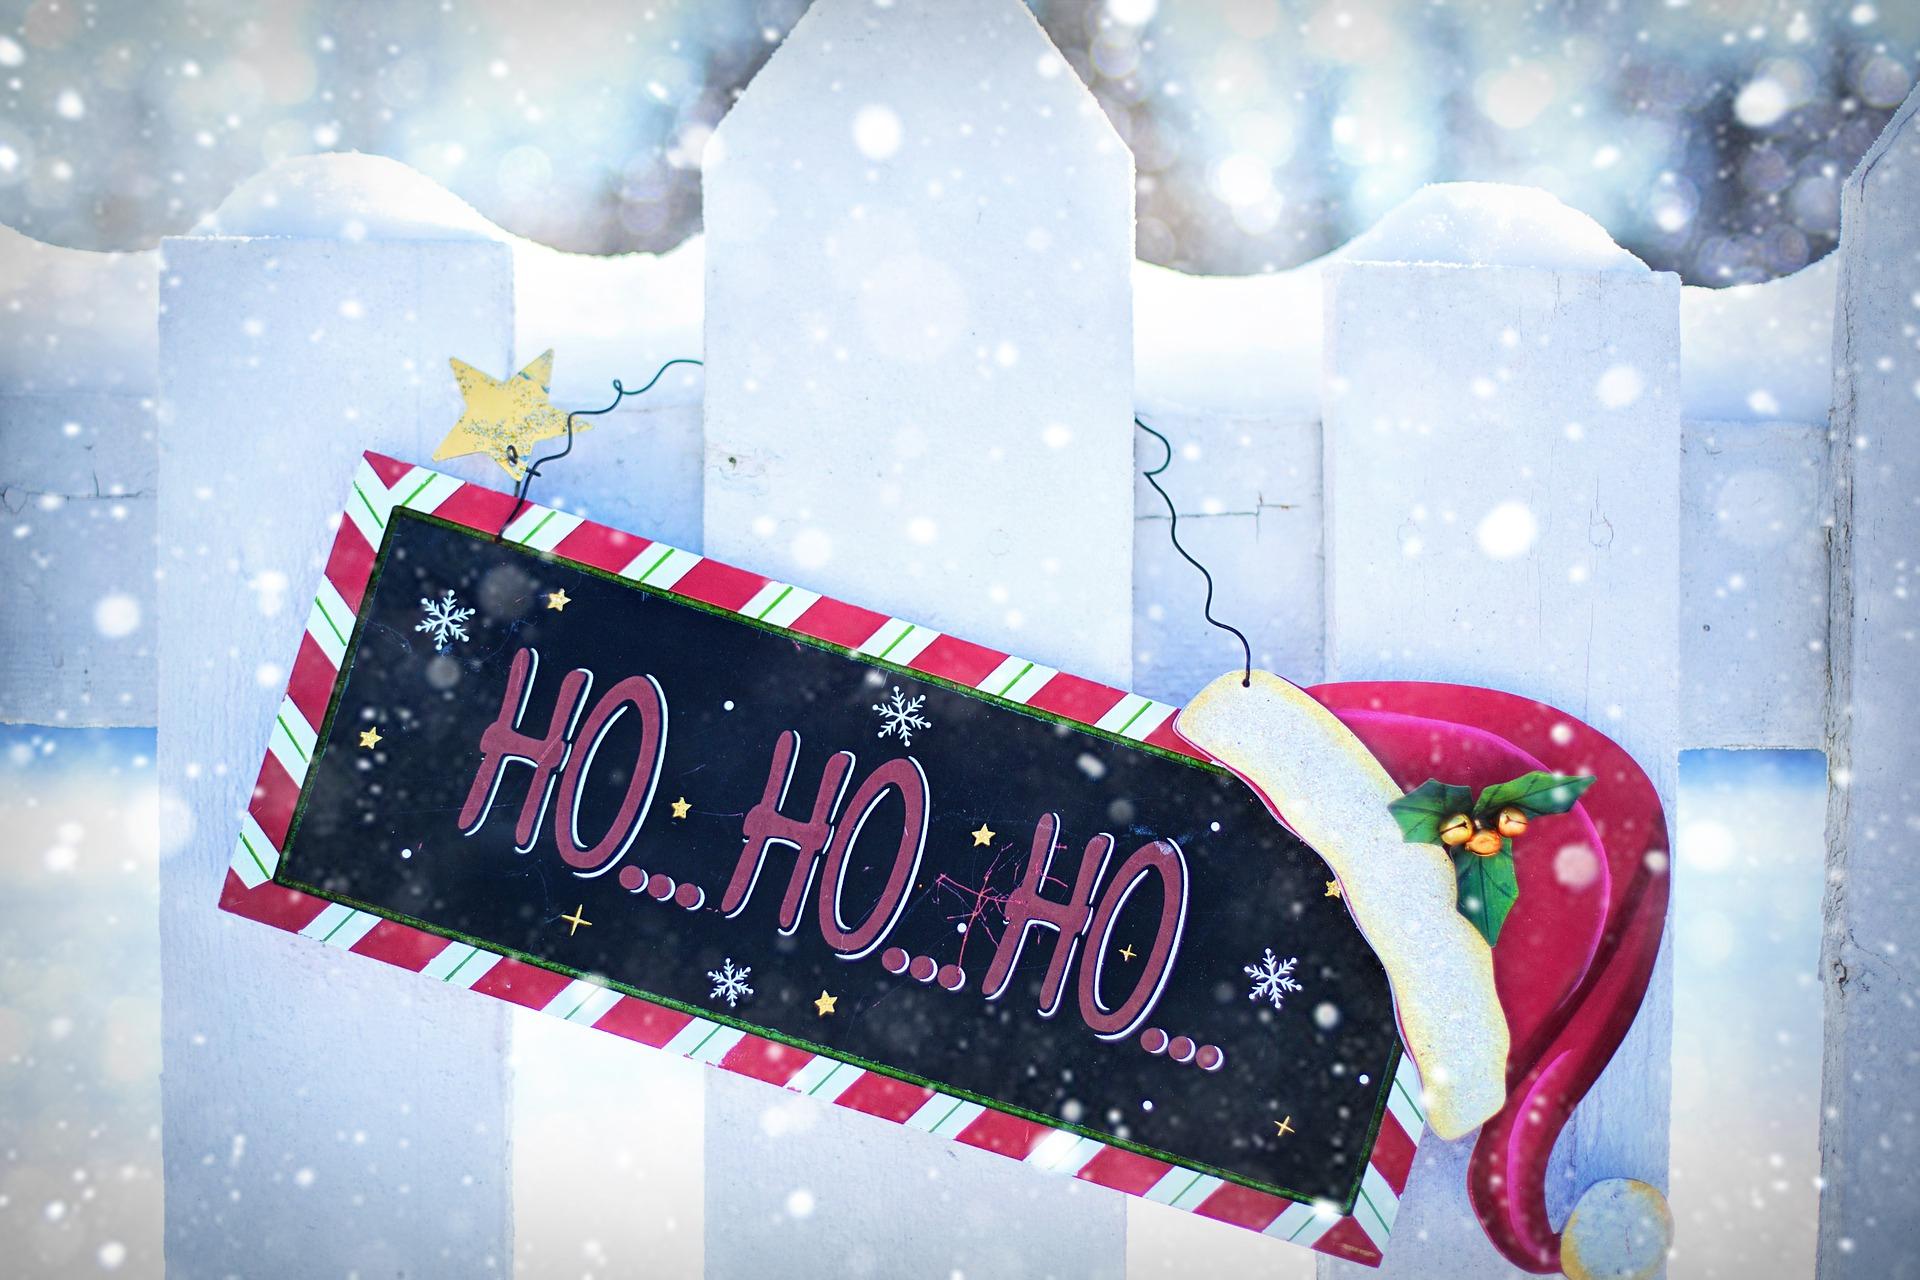 Weihnachtsgrußkarten Kostenlos Zum Herunterladen ganzes Weihnachtsgrüße Selbst Gestalten Kostenlos